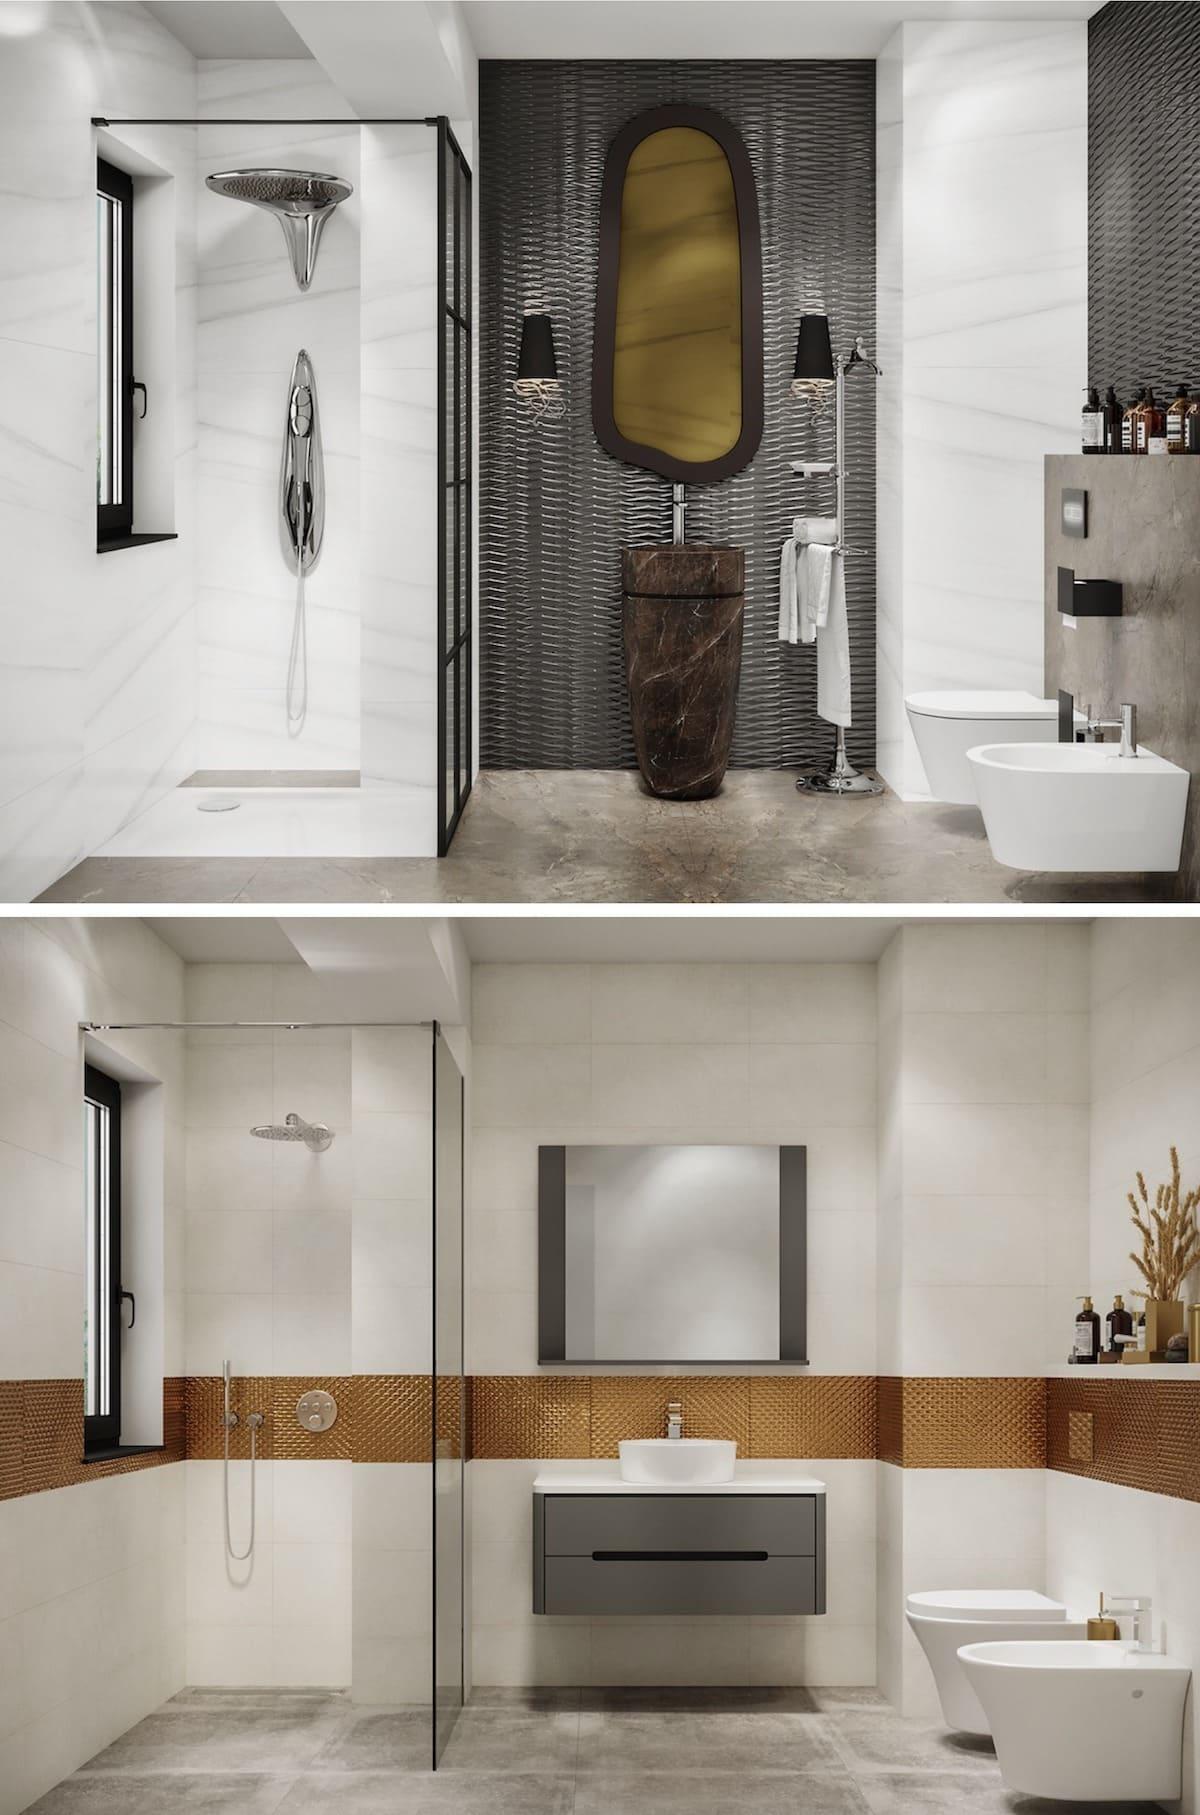 дизайн интерьера ванной комнаты фото 19